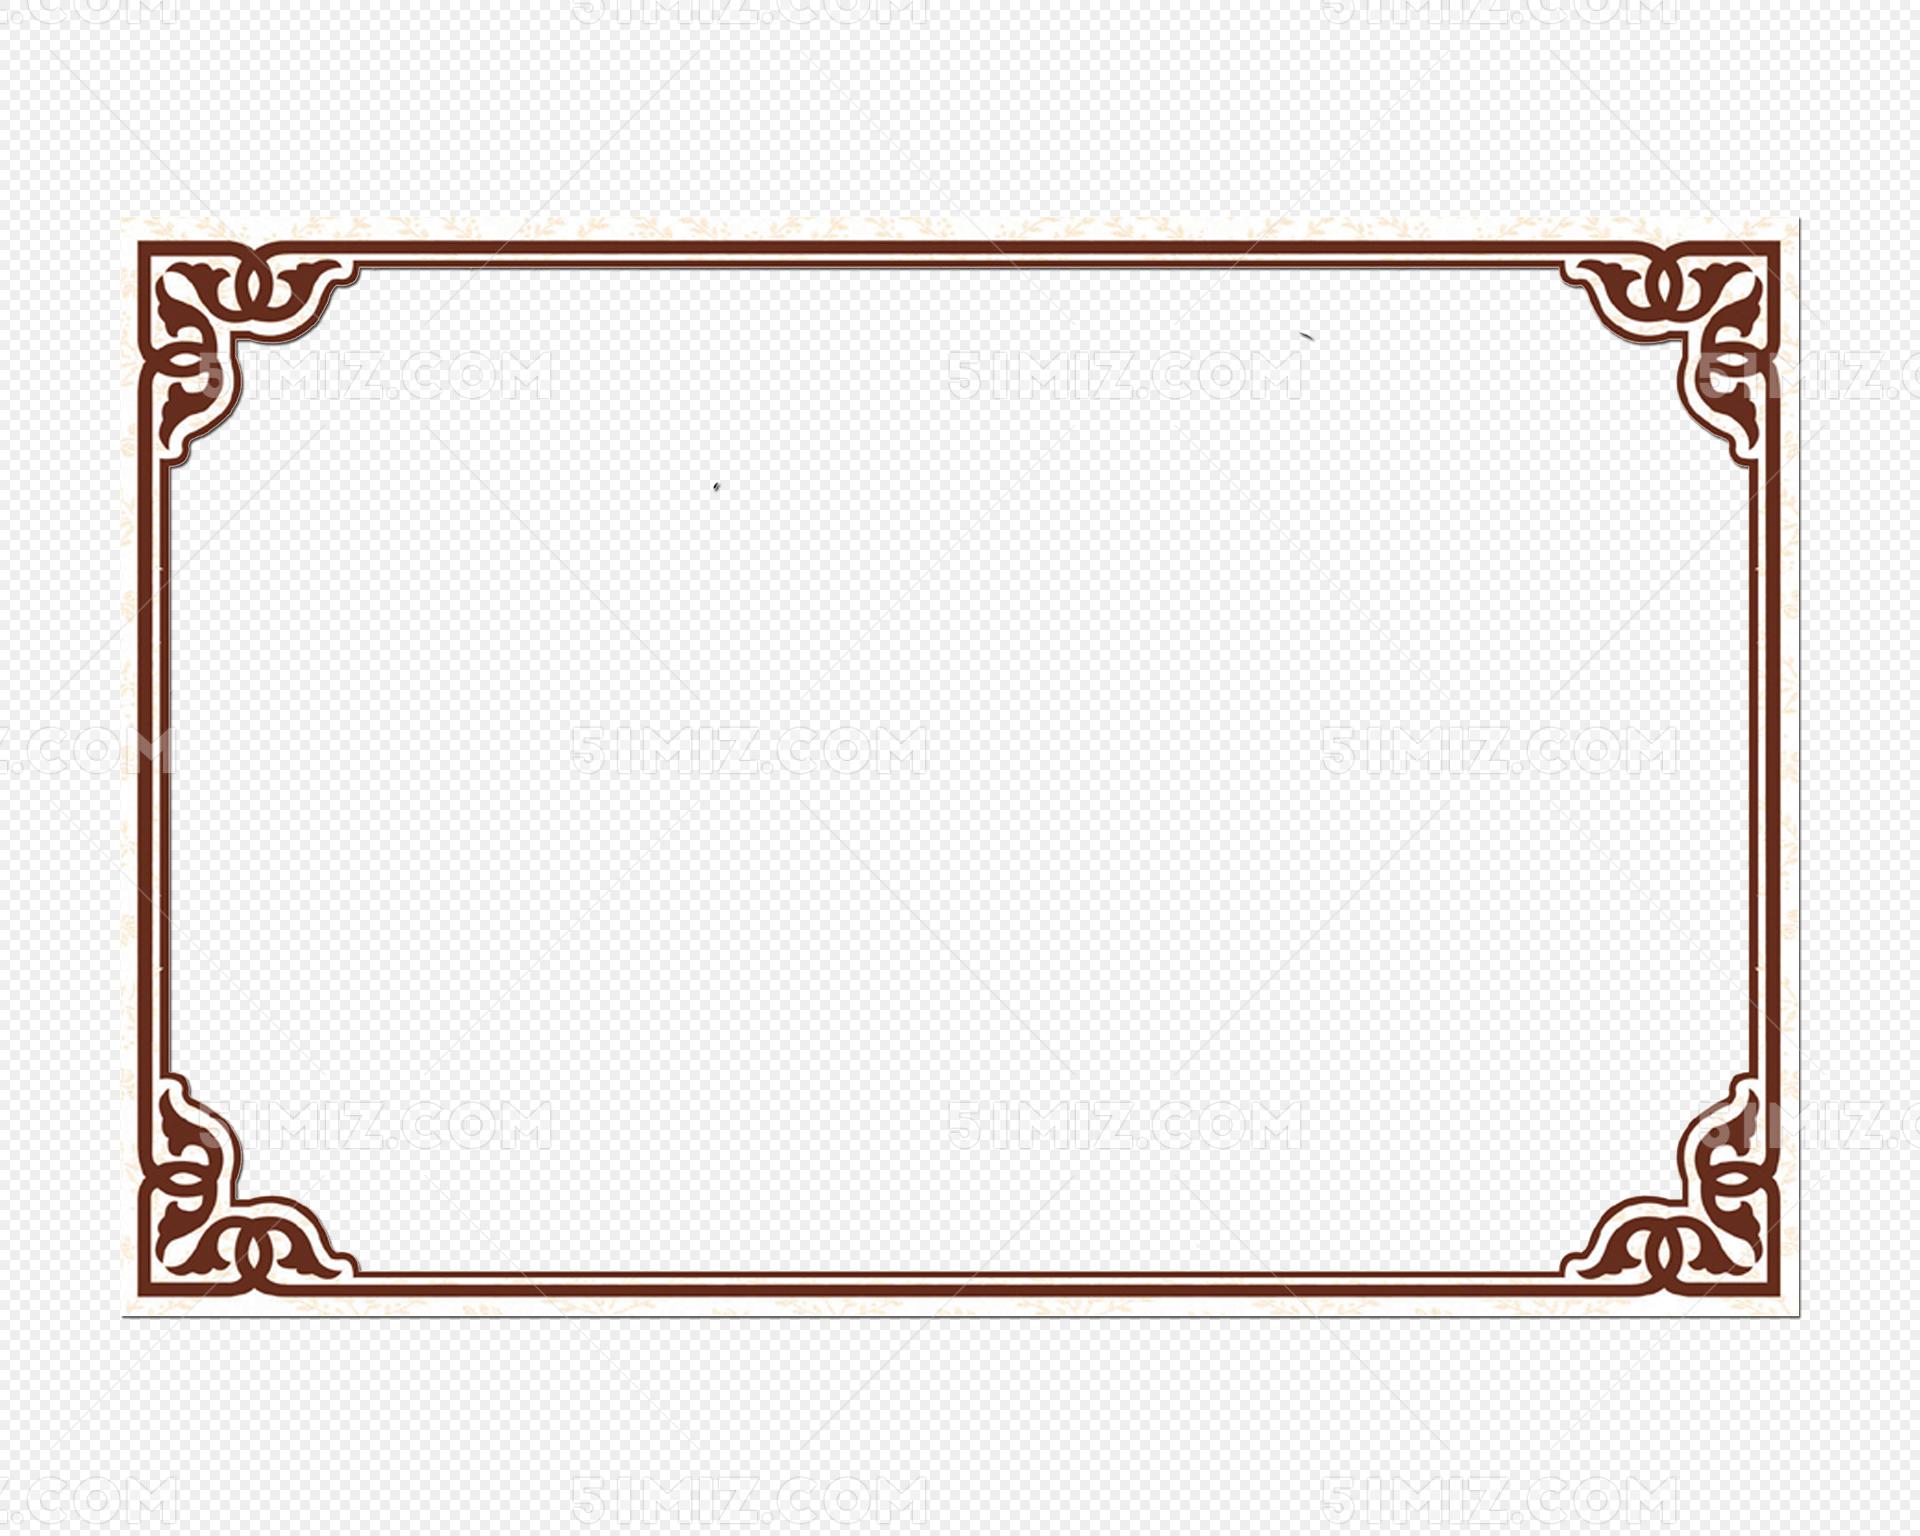 花纹边框复古边框相框花边纹理素材